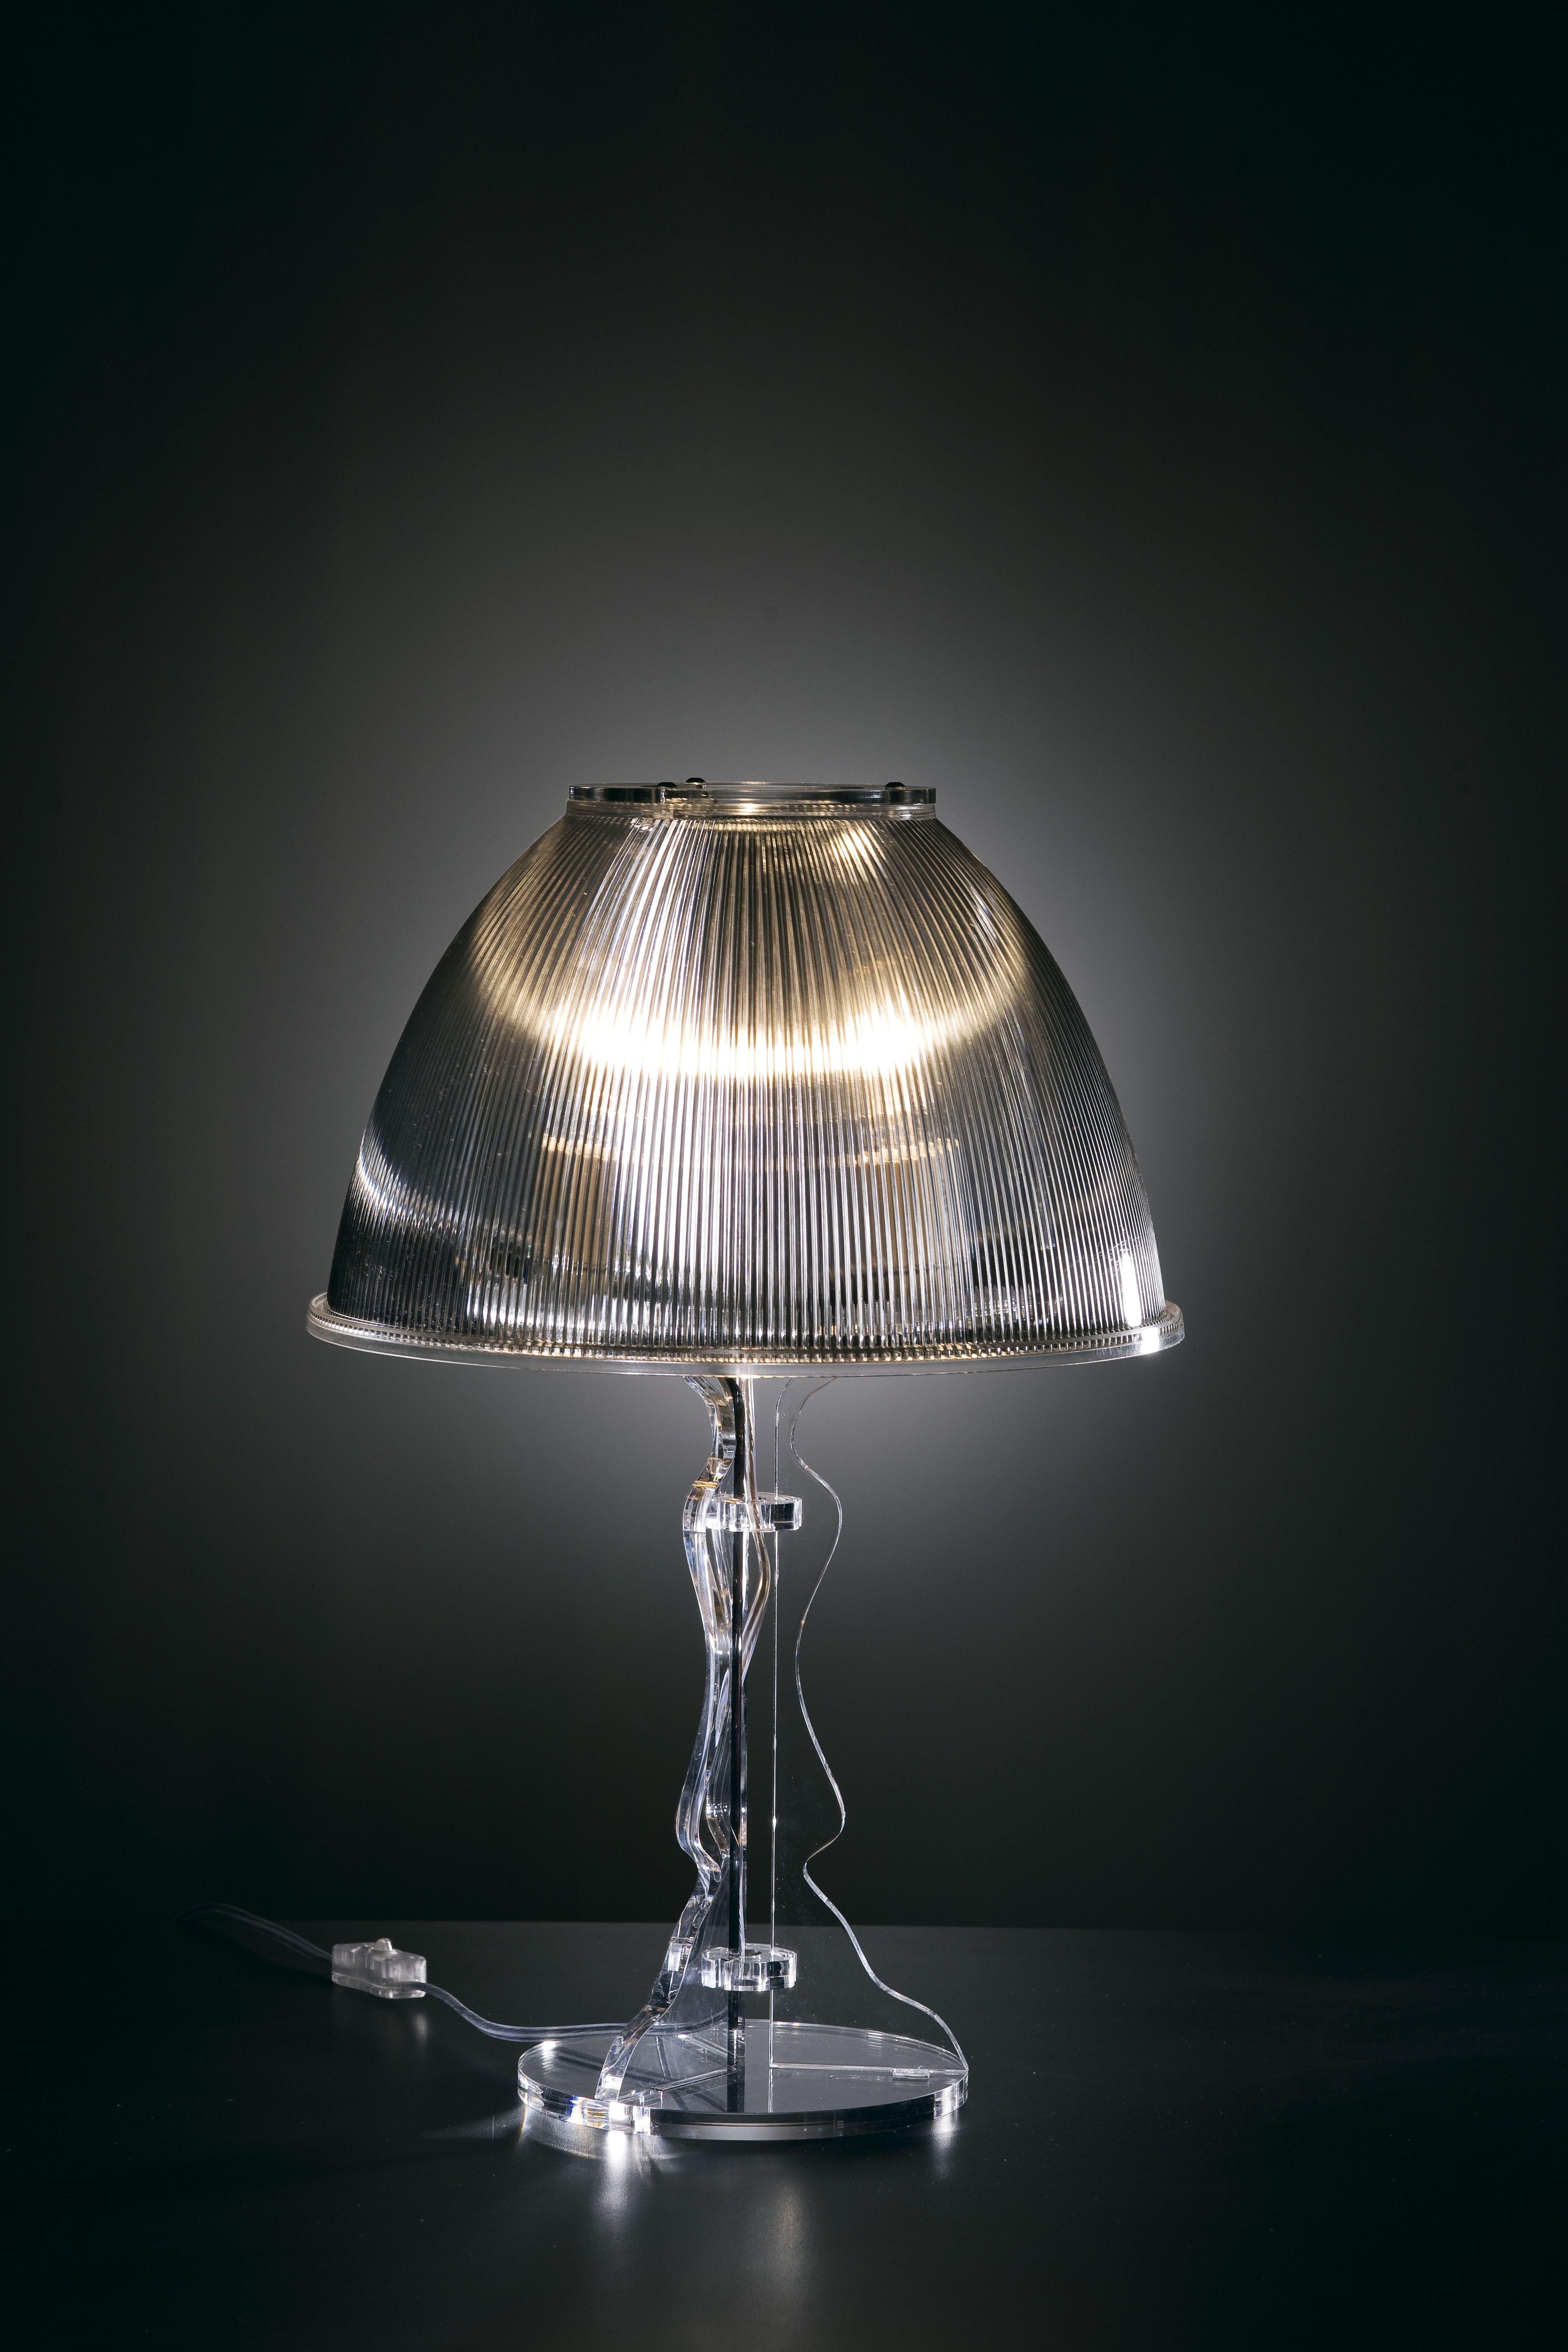 39 lady 39 di vesta raffinata lampada da tavolo in plexiglass - Lampade da tavolo in plexiglass ...